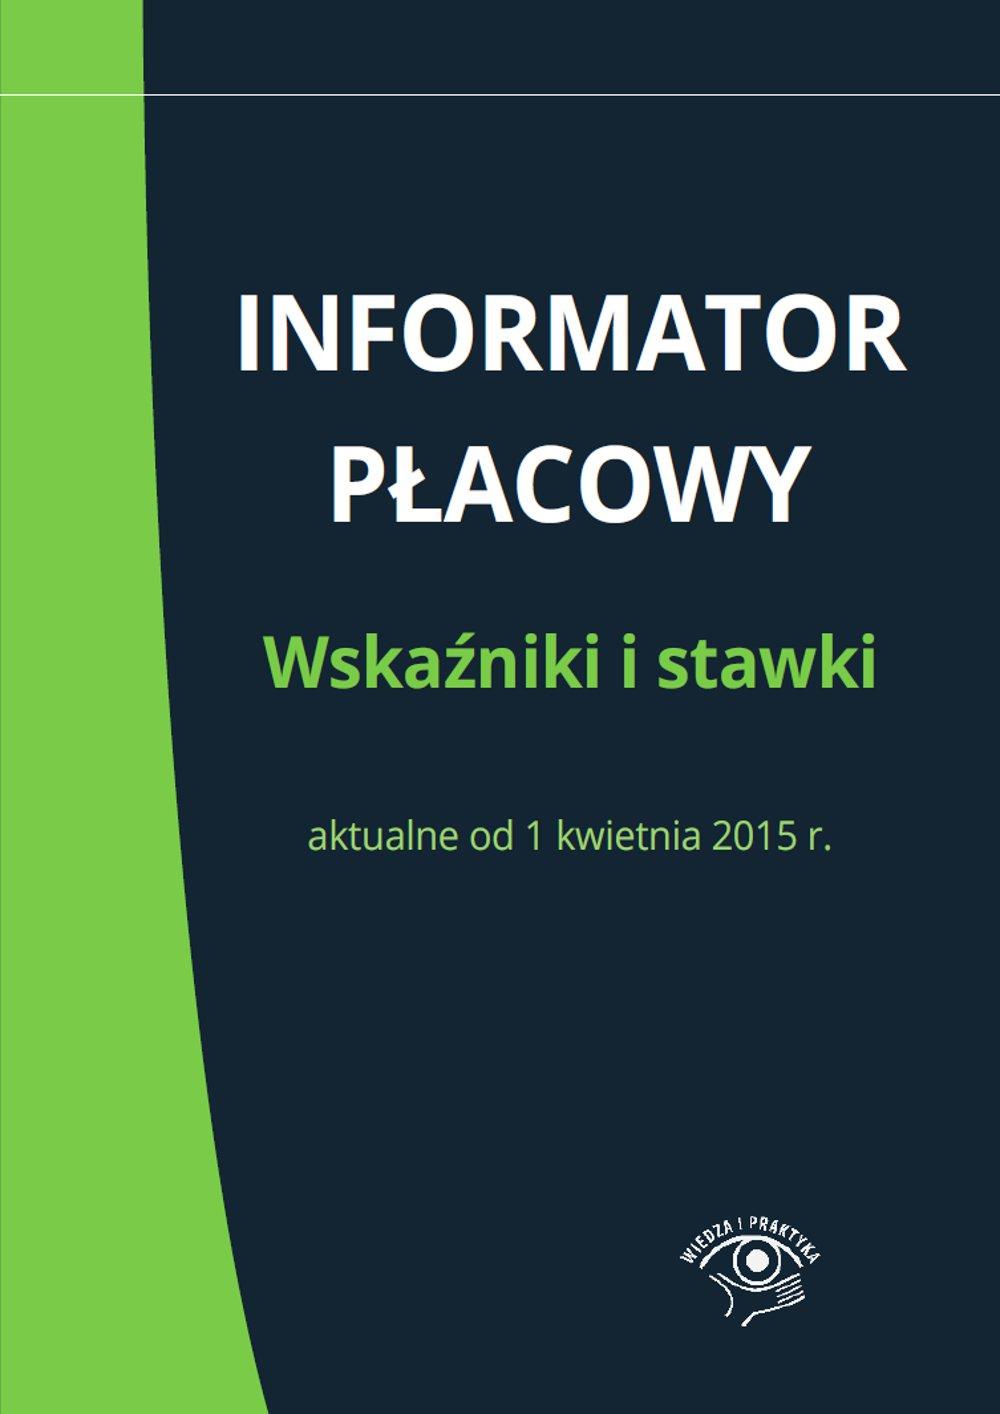 Informator płacowy. Wskaźniki i stawki aktualne od 1 kwietnia 2015 r. - Ebook (Książka PDF) do pobrania w formacie PDF